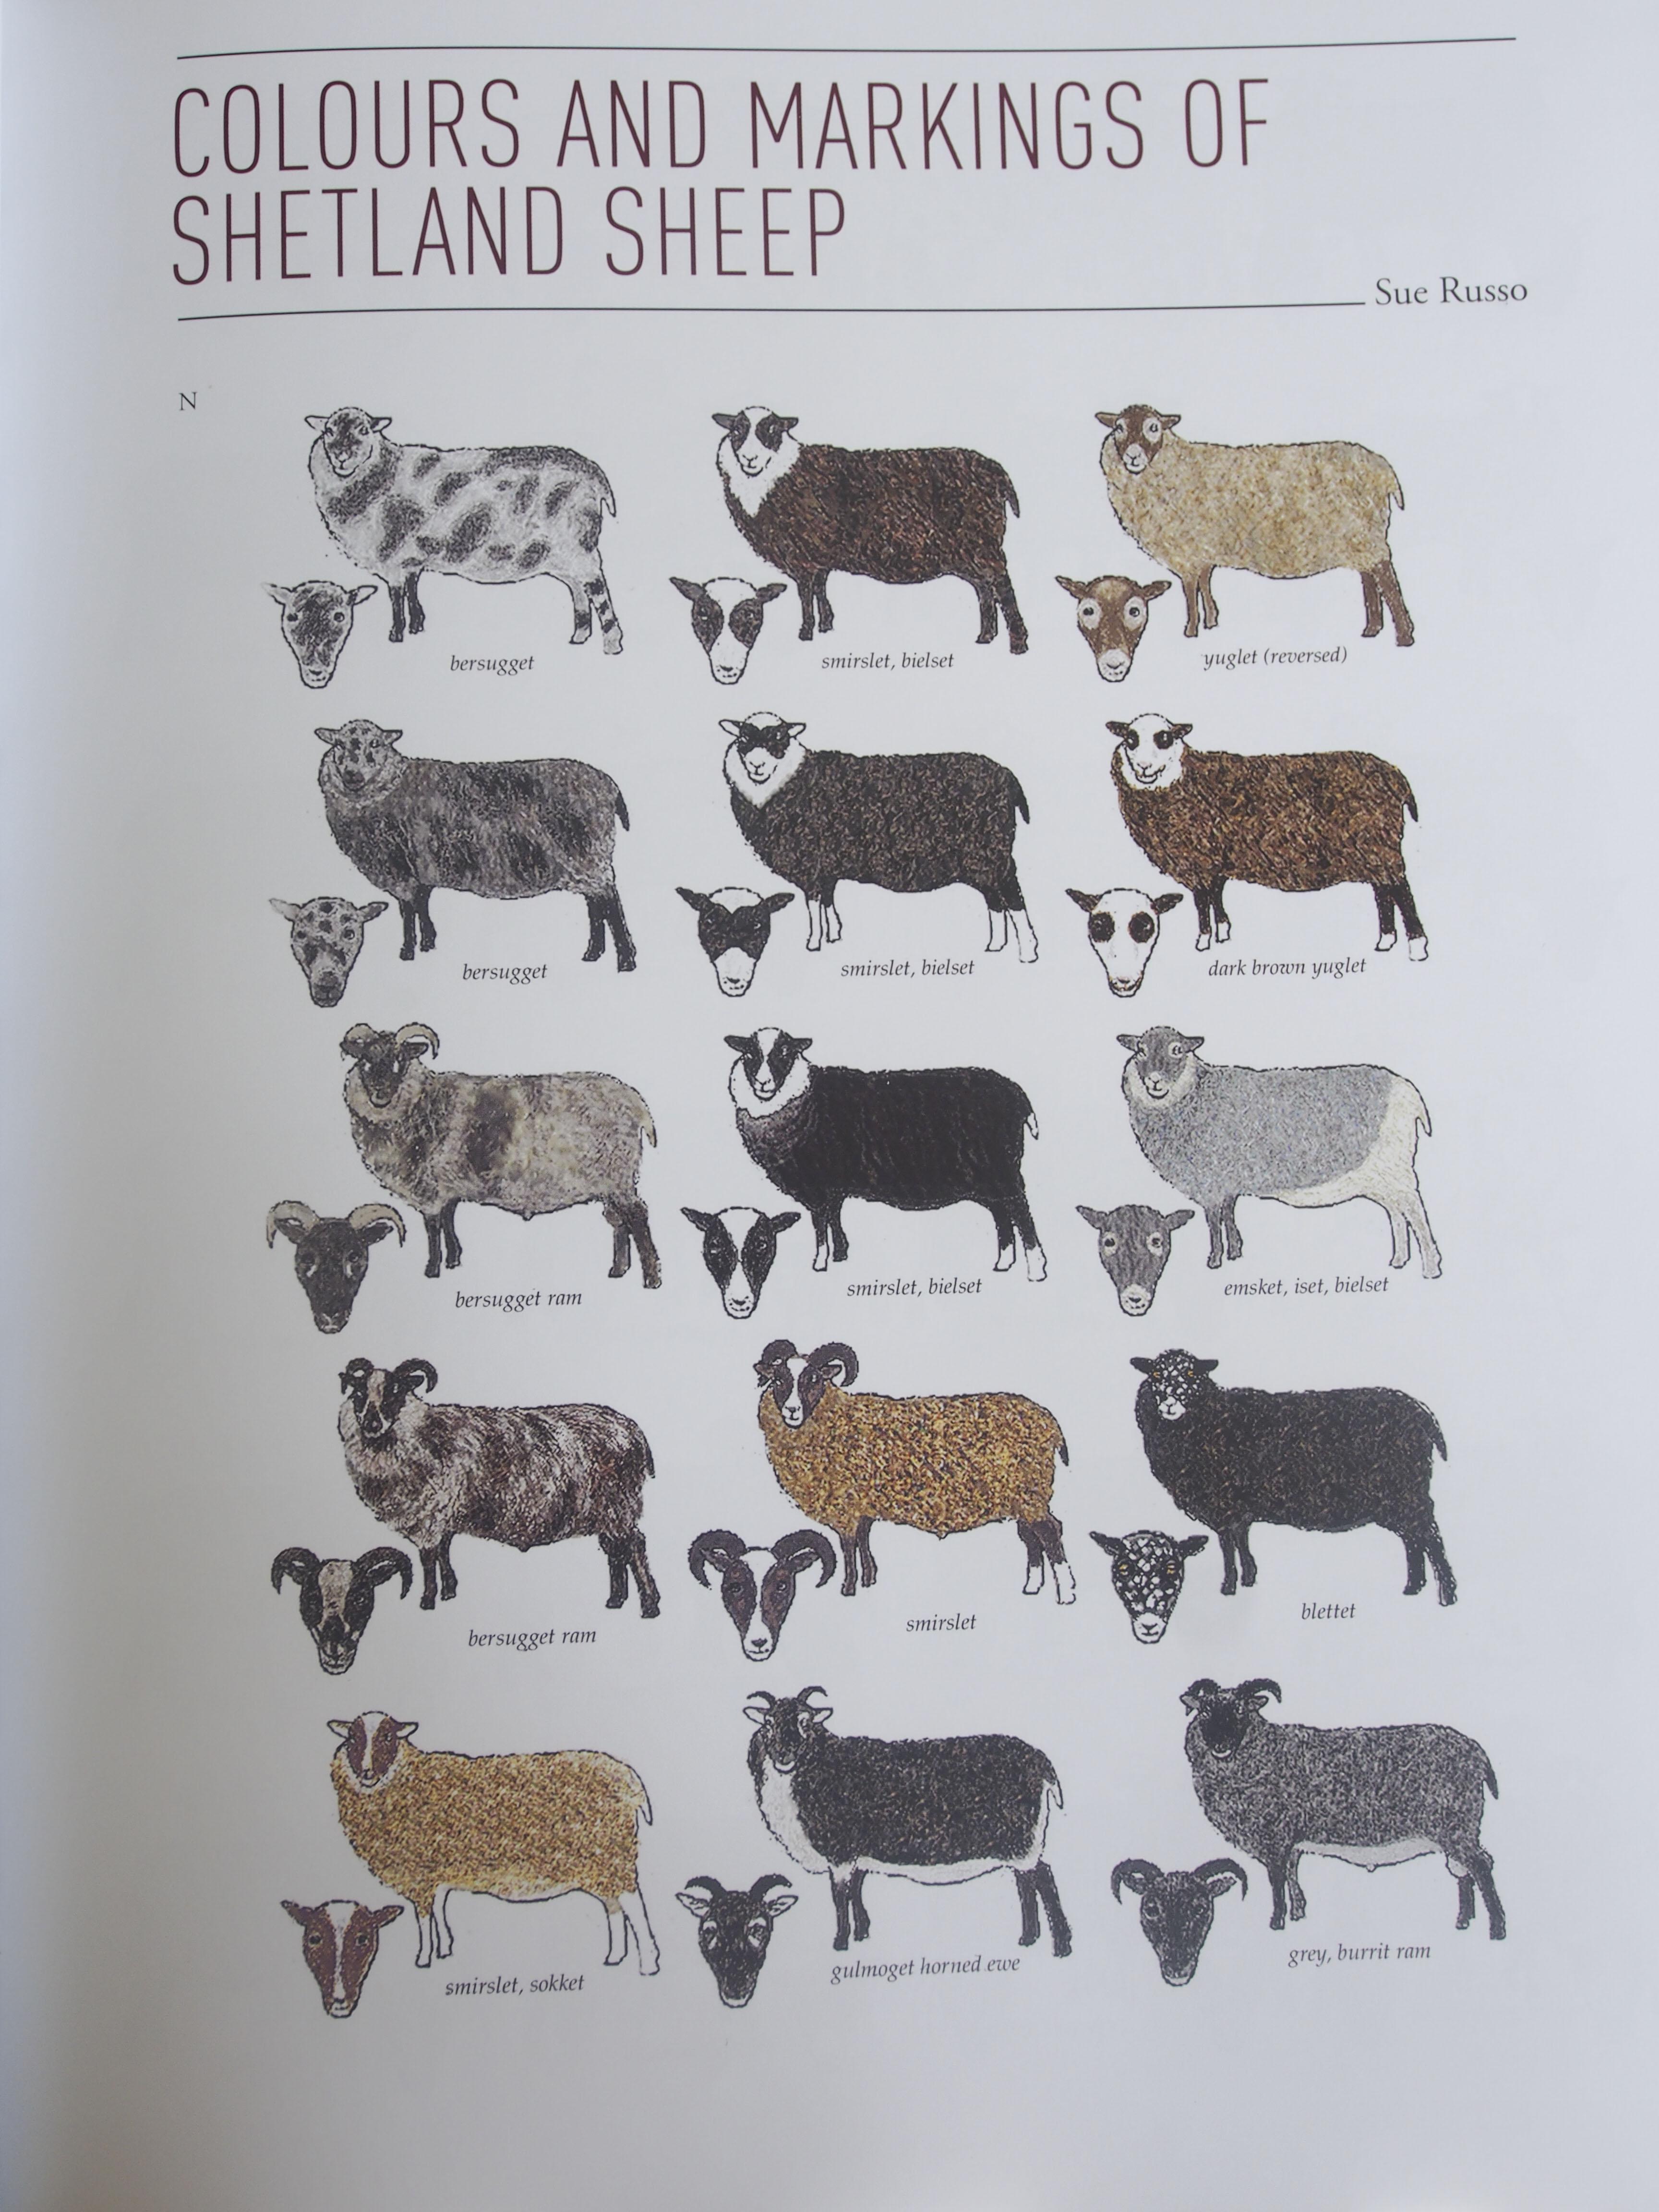 Sheep markings Shetland sheep, Shetland, Sheep